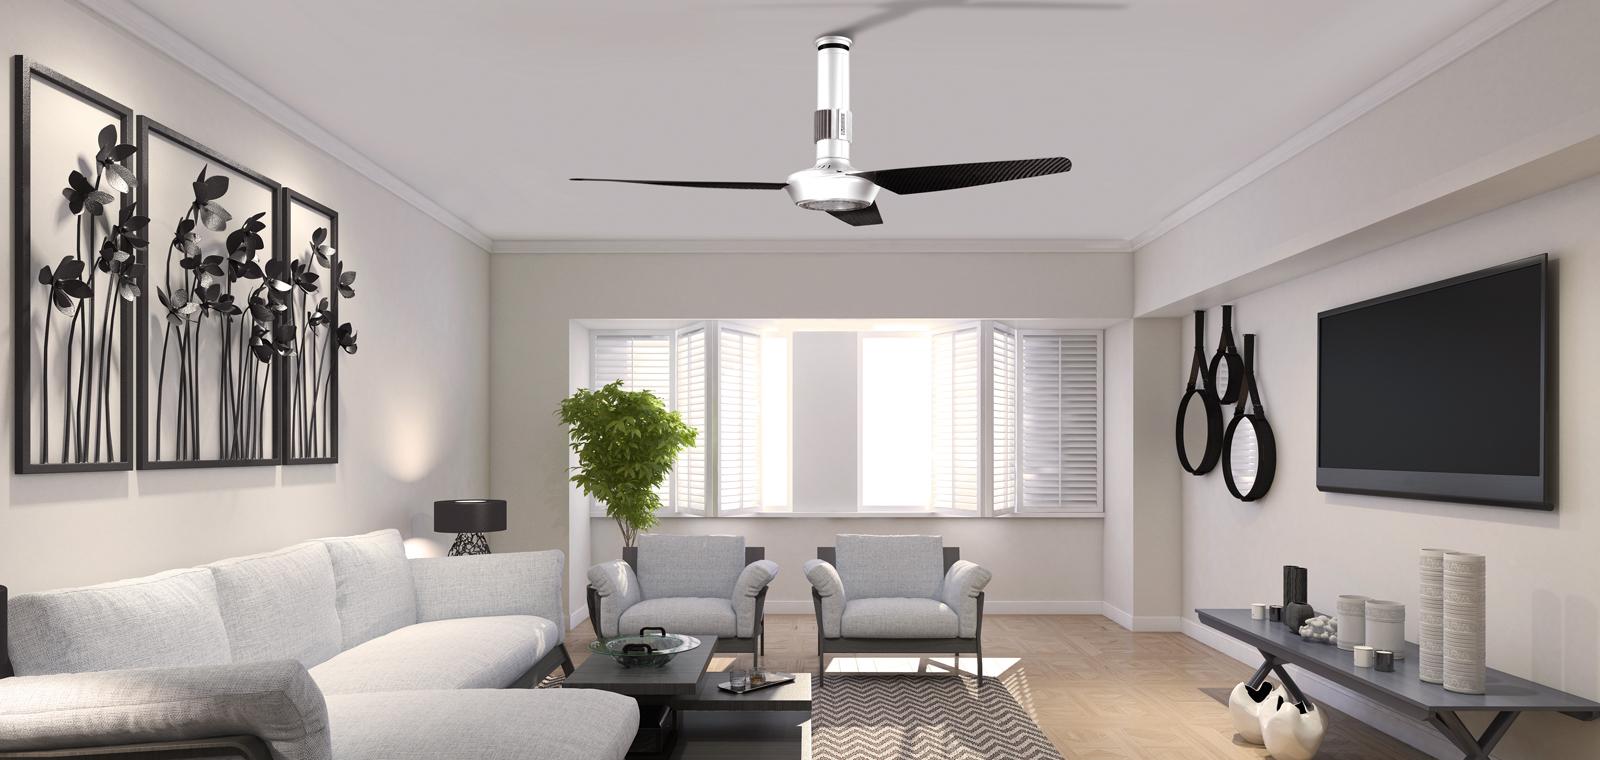 Nordik air design 140 29 bianco ventilazione estiva for Ventilatore leroy merlin